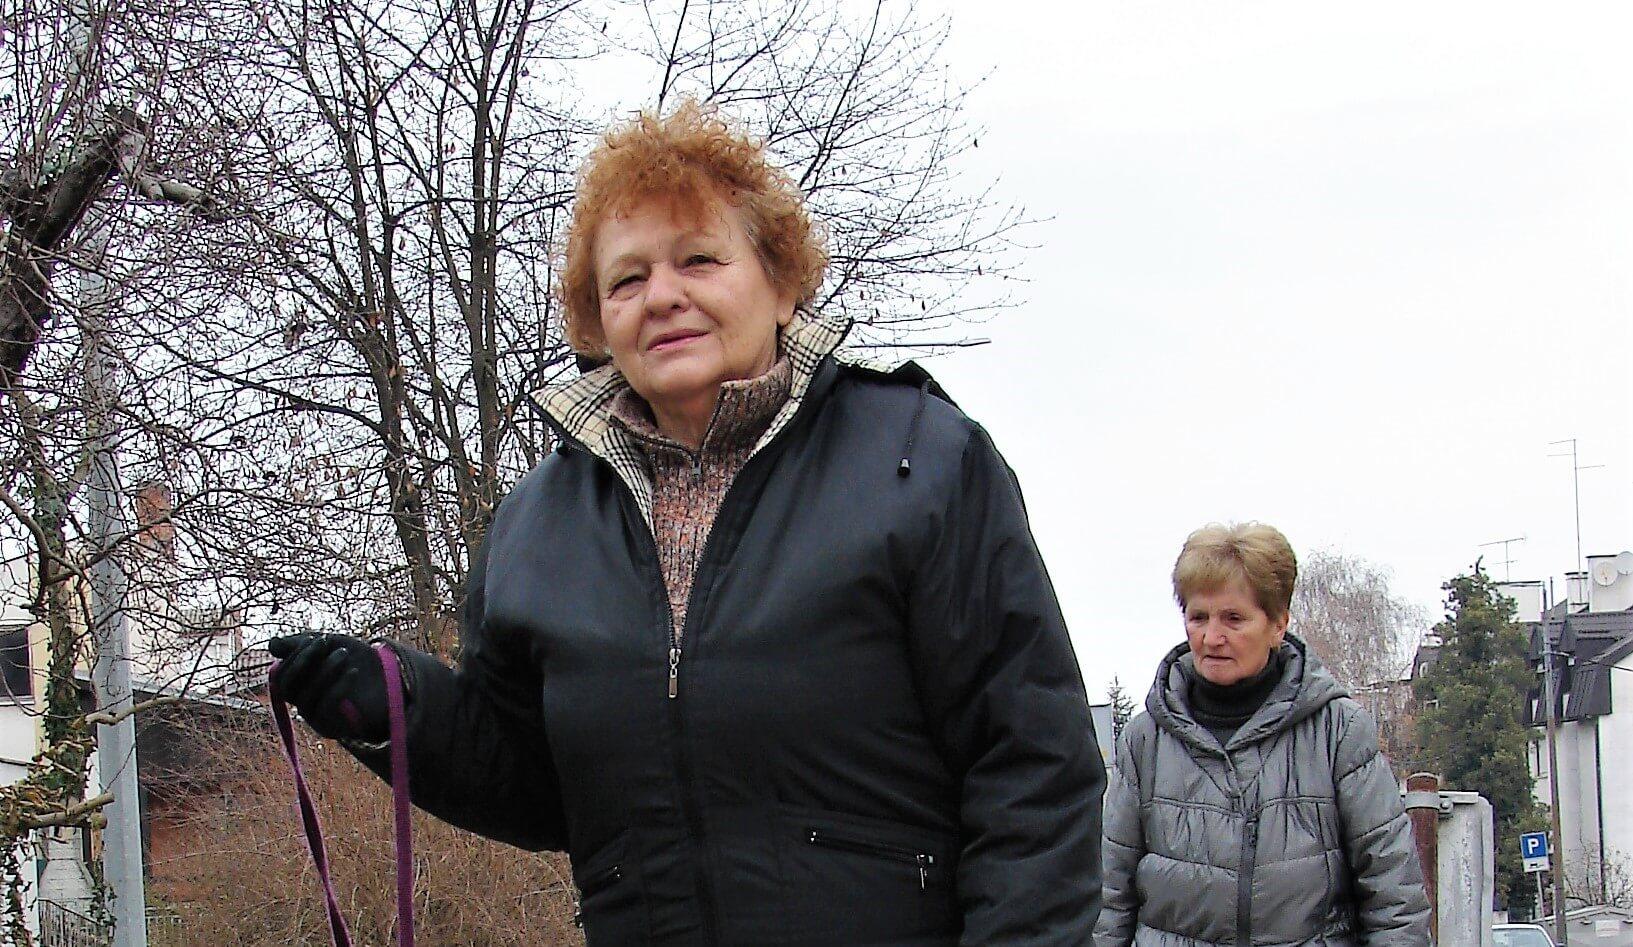 Teške bolesti baka Štefica (73) pobijedila je uz vjeru, unuku, muža i psa Lotu